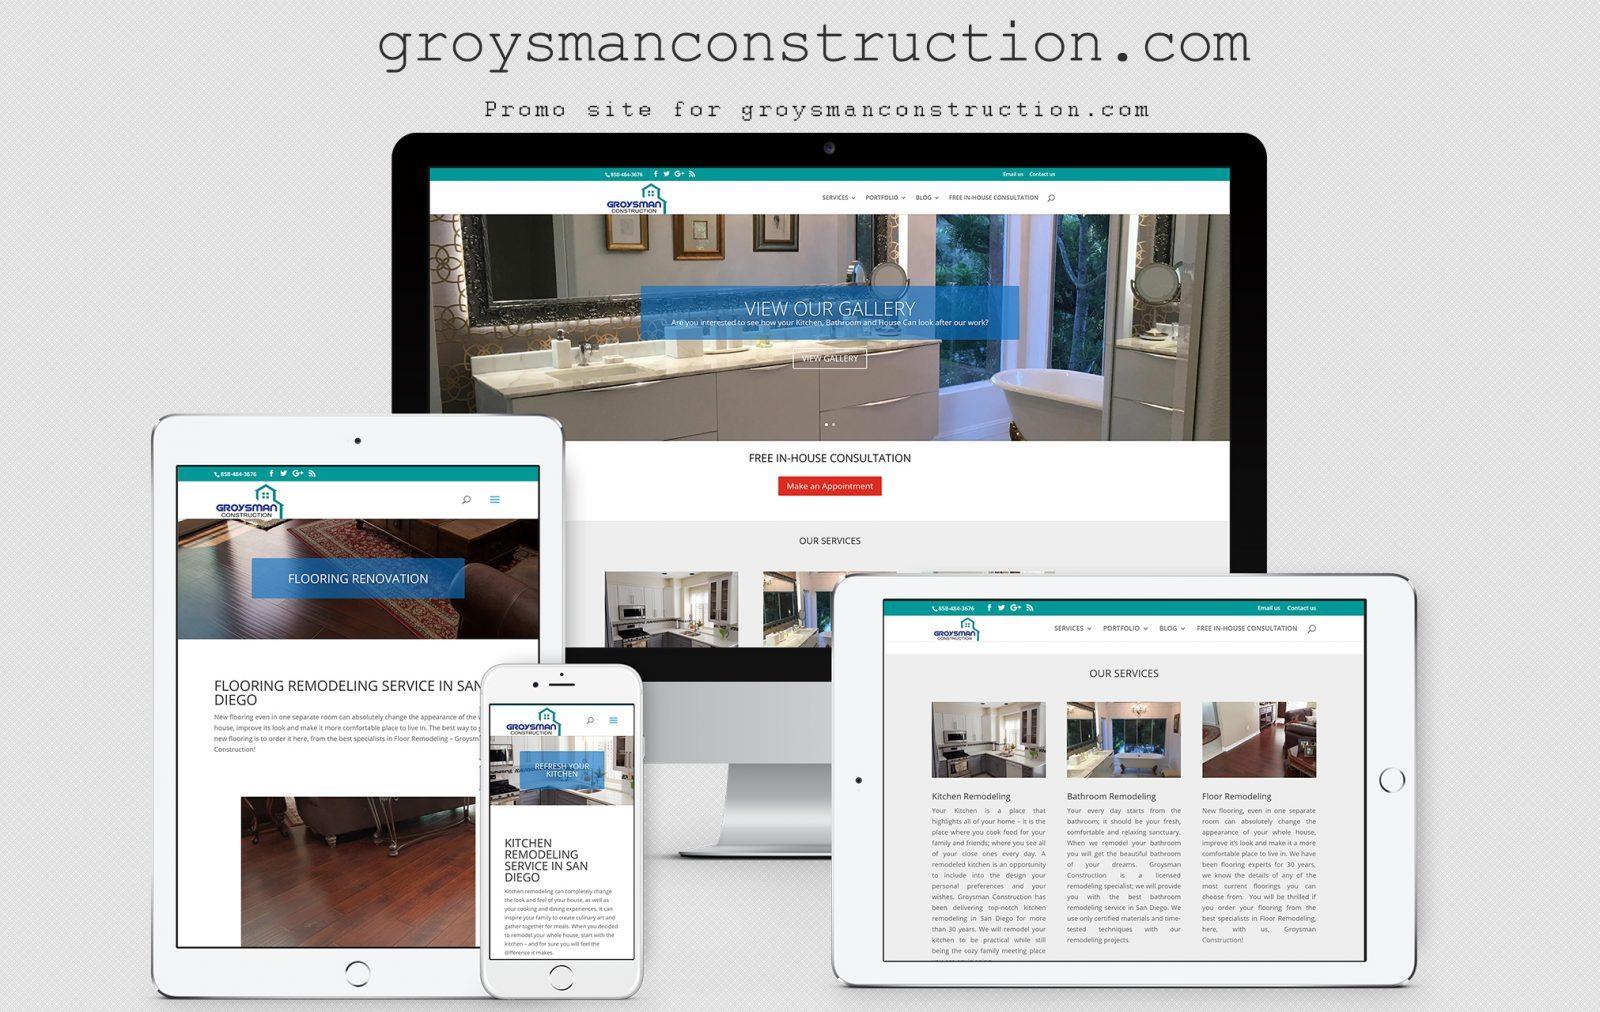 Site-ul companiei Groysman constructii